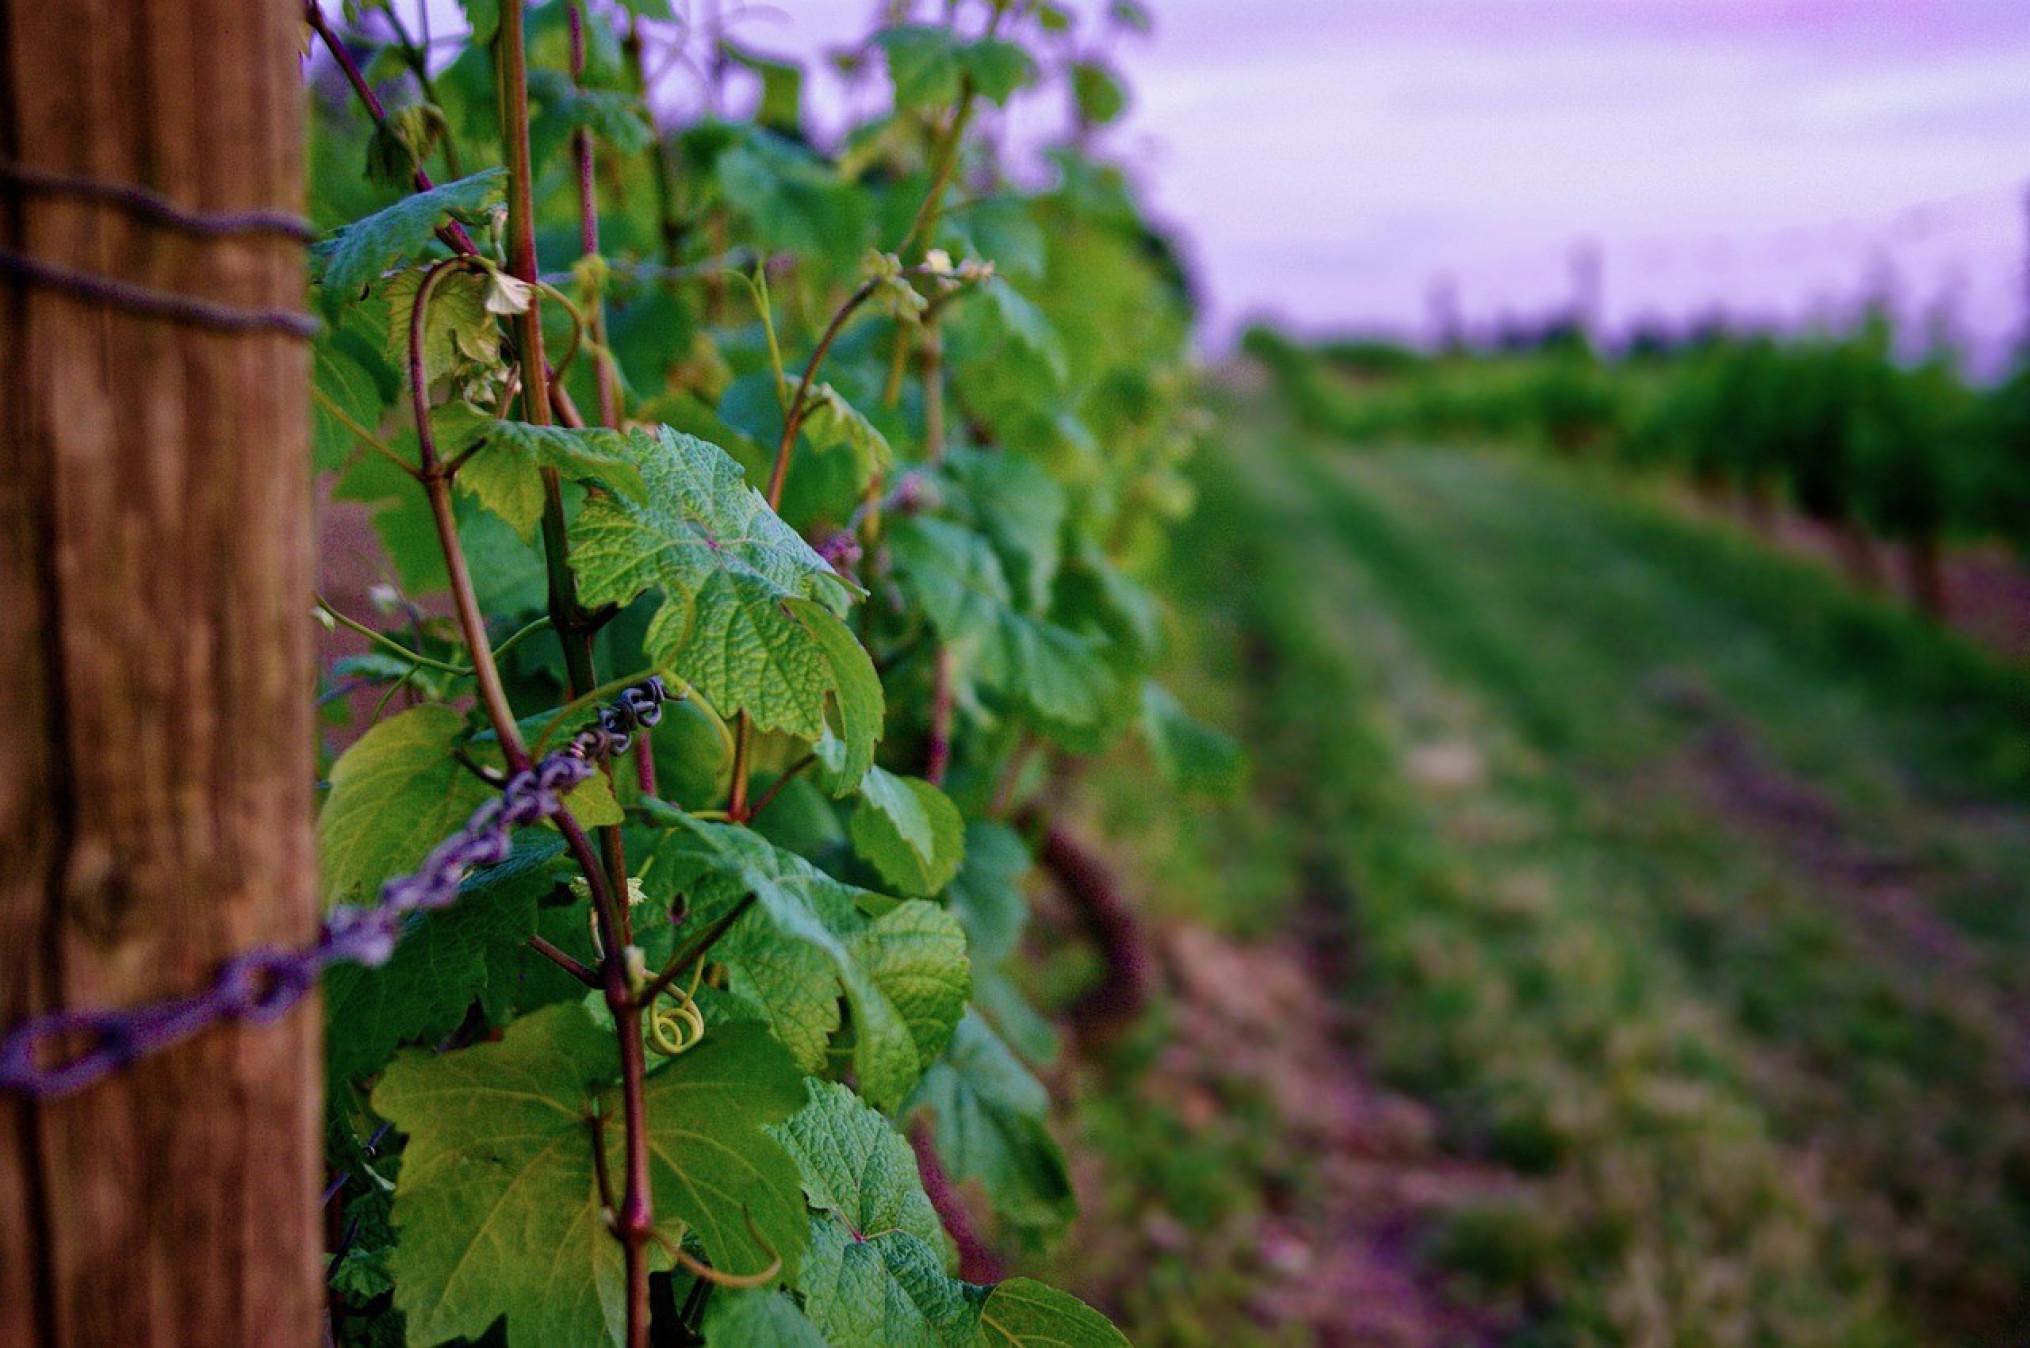 wijngaard-wijnbouw-druivenrank-1280